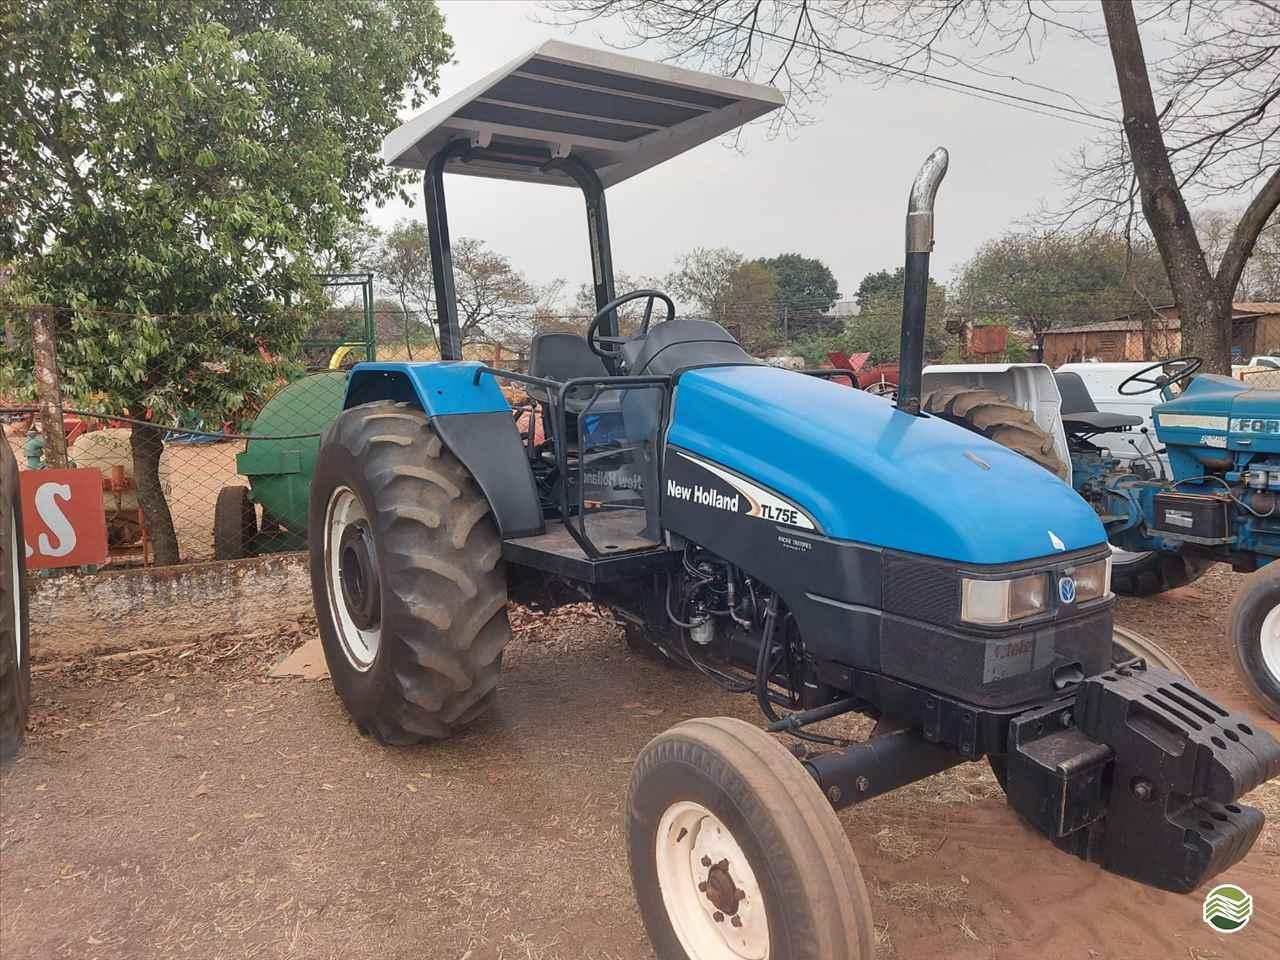 TRATOR NEW HOLLAND NEW TL 75 Tração 4x2 Terra Santa Implementos Agrícolas BEBEDOURO SÃO PAULO SP